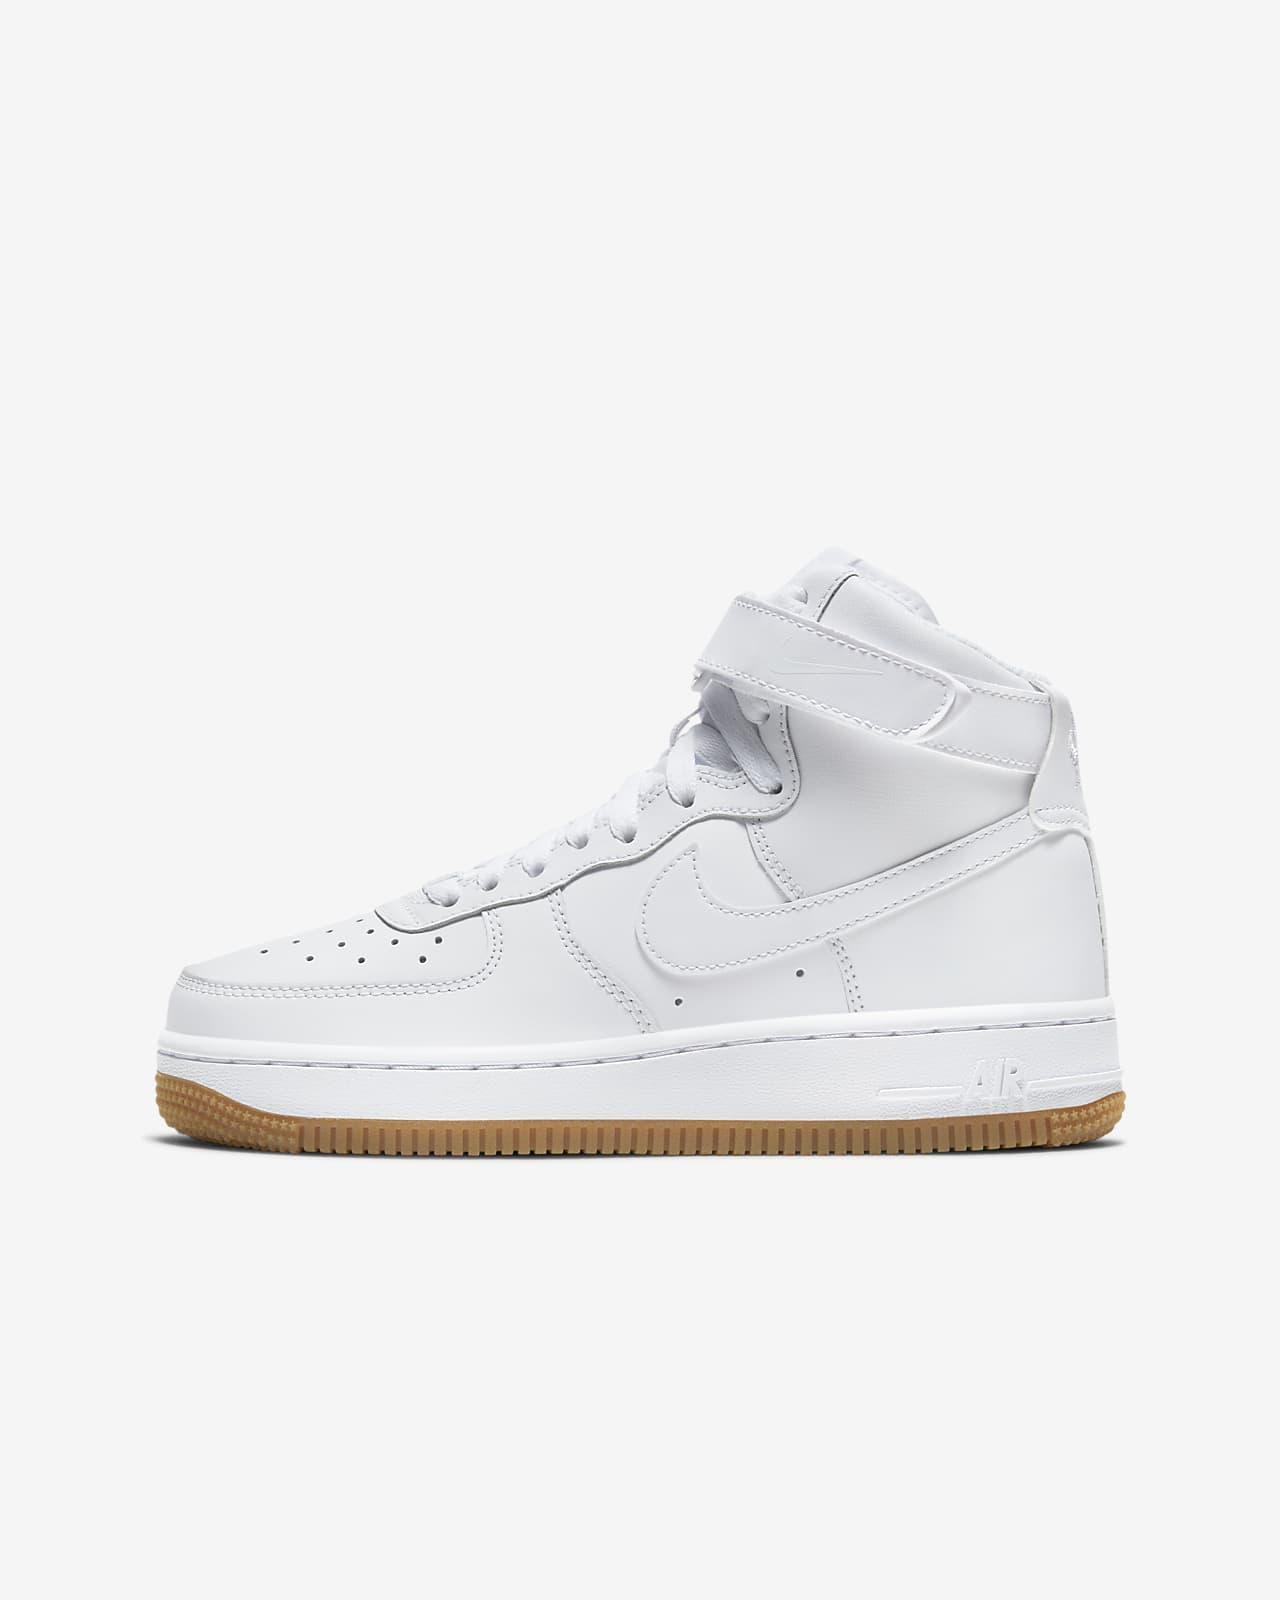 Nike Air Force 1 High Big Kids' Shoes